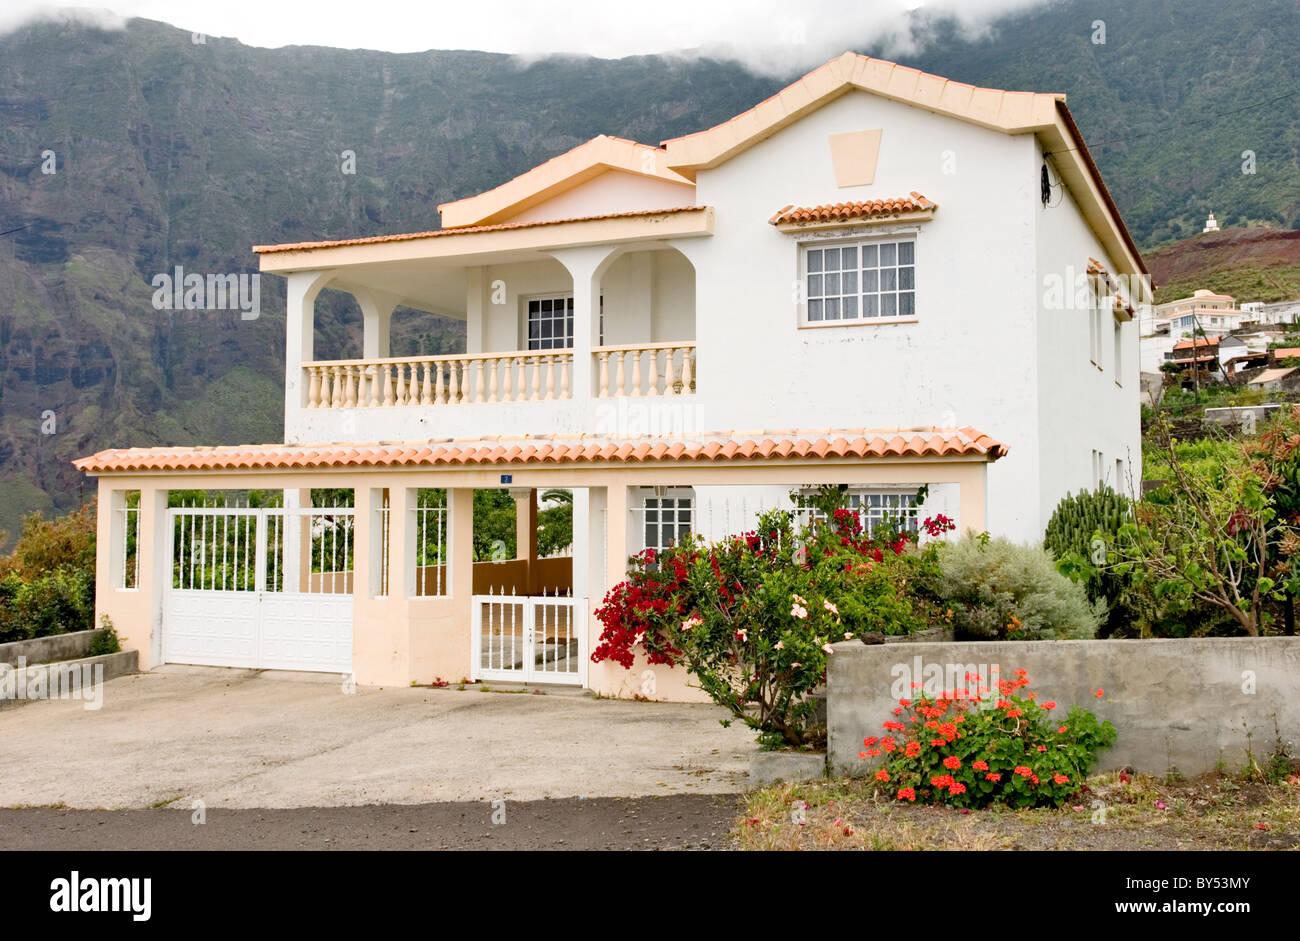 Casa moderna villa apartamento en la isla de el hierro - Casas gratis en pueblos de espana ...